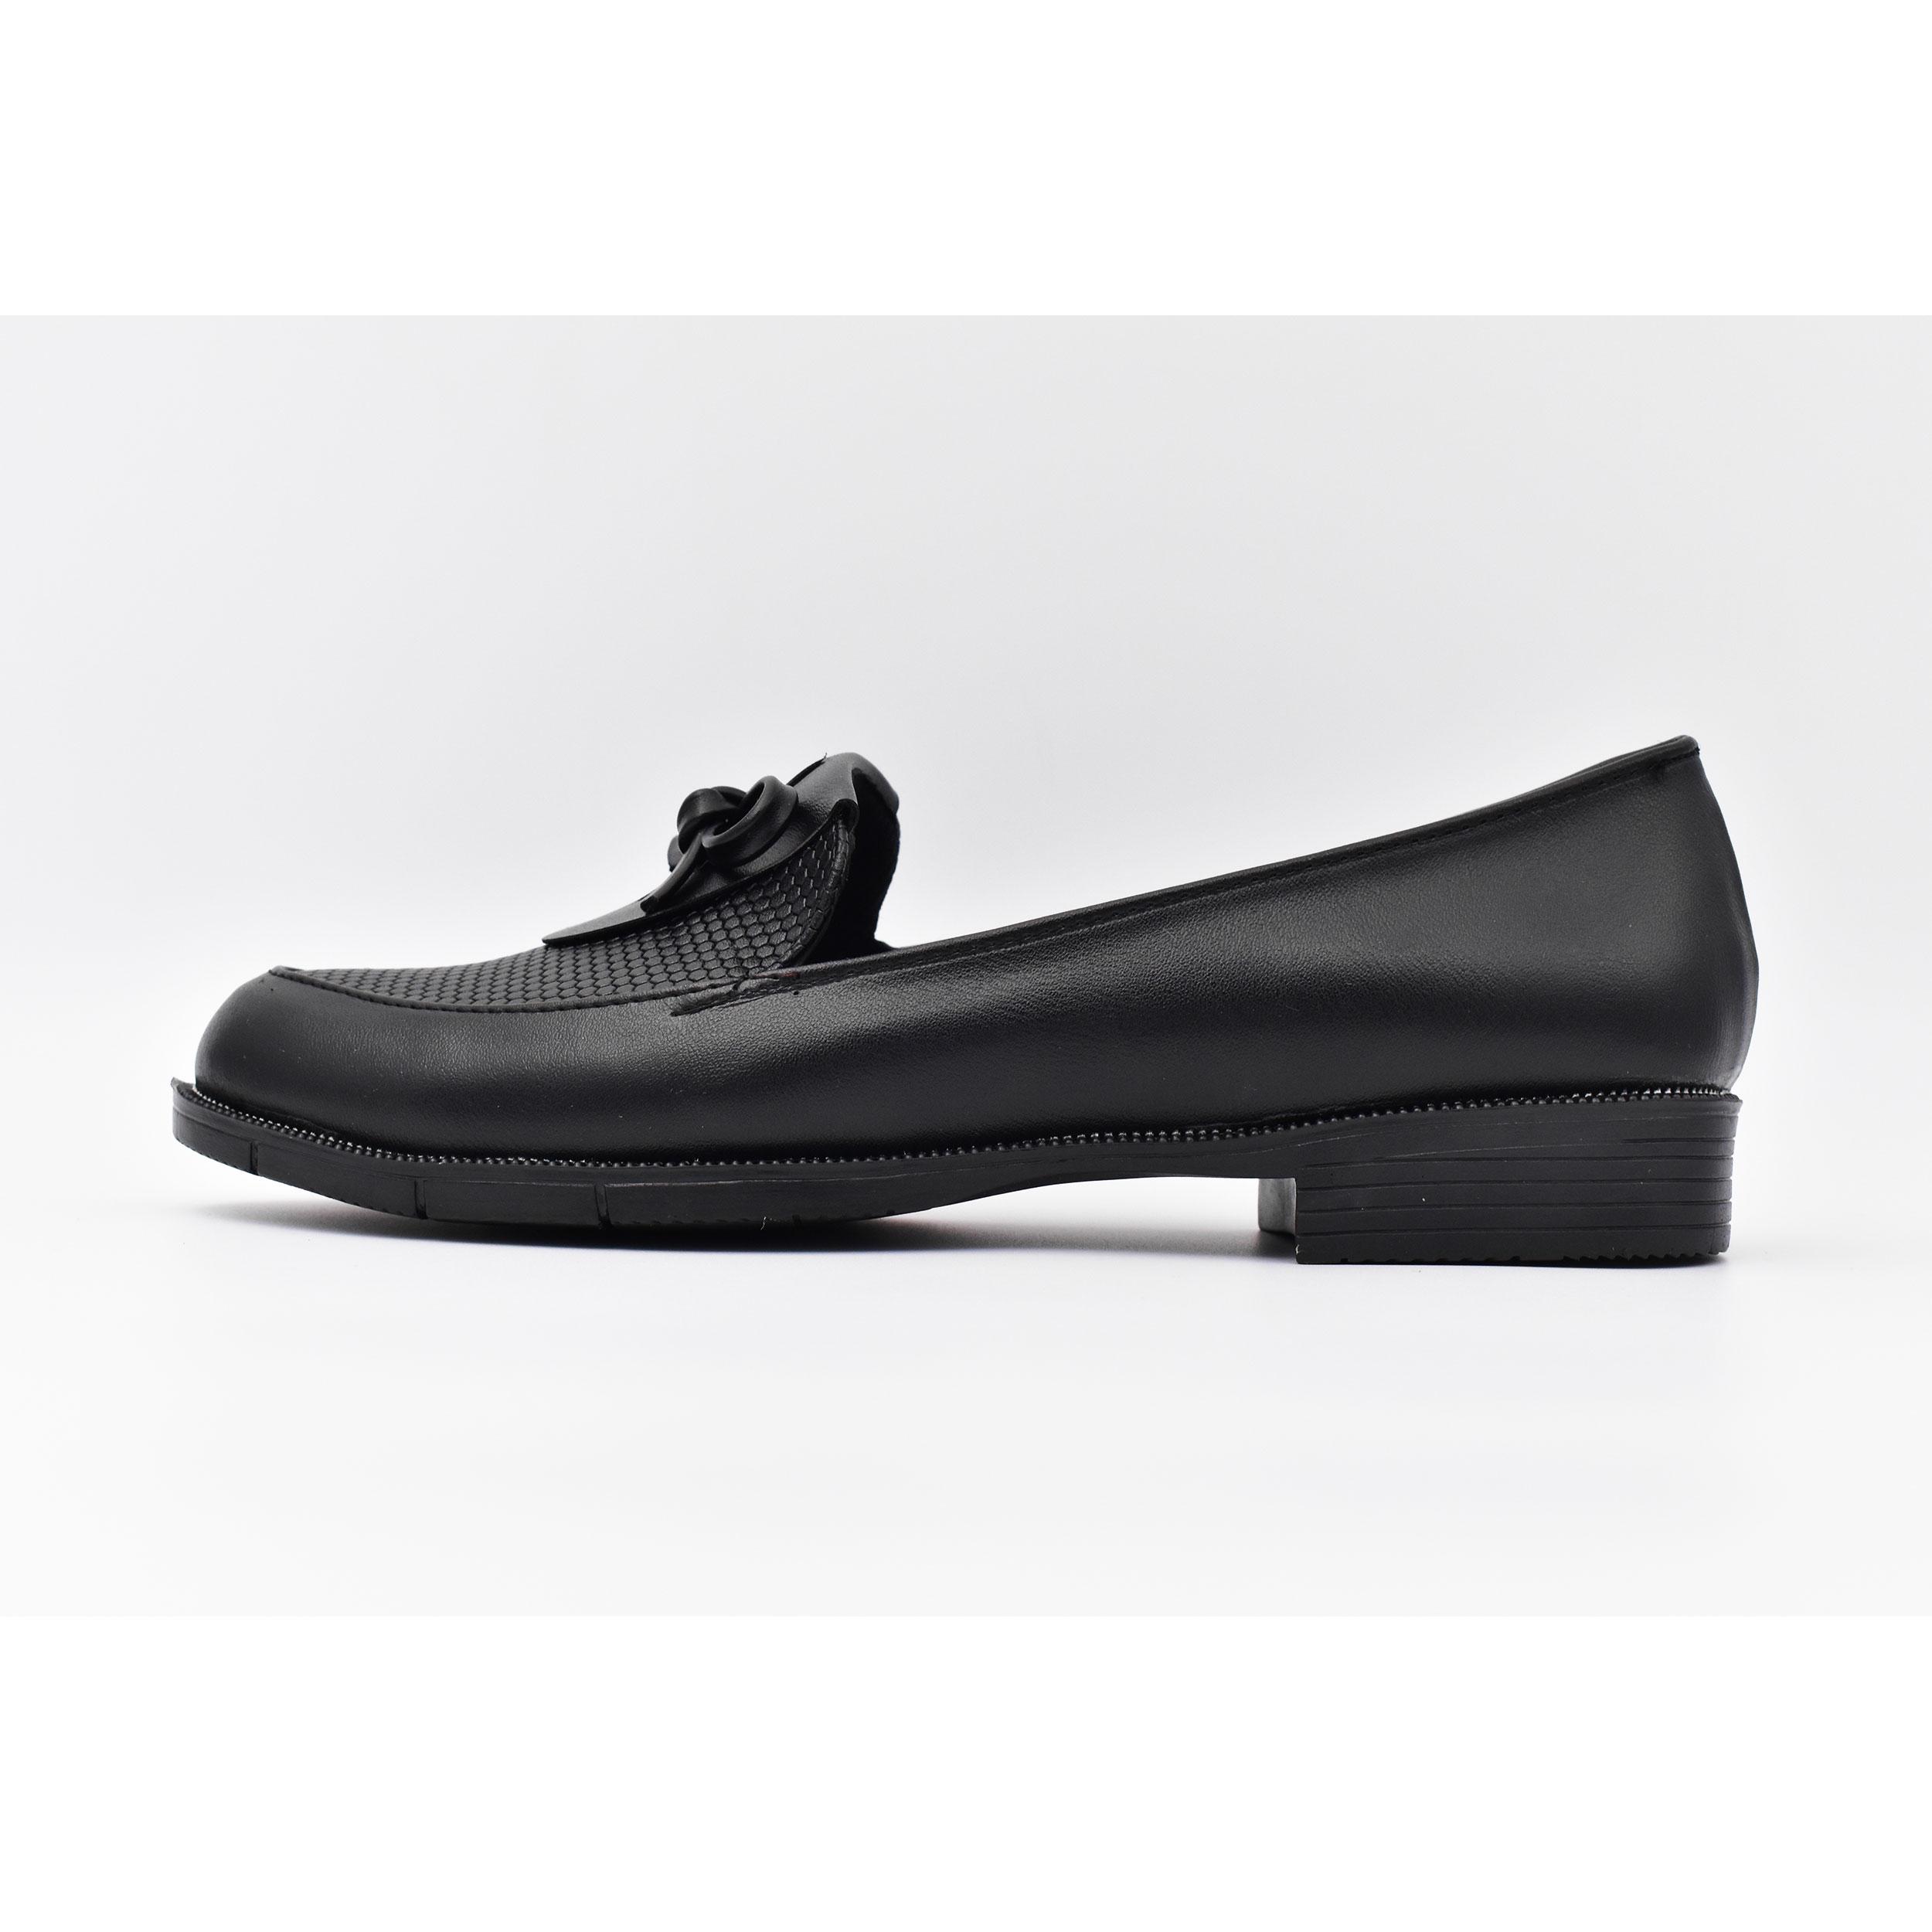 کفش زنانه مدل بیتا کد 7751 main 1 1